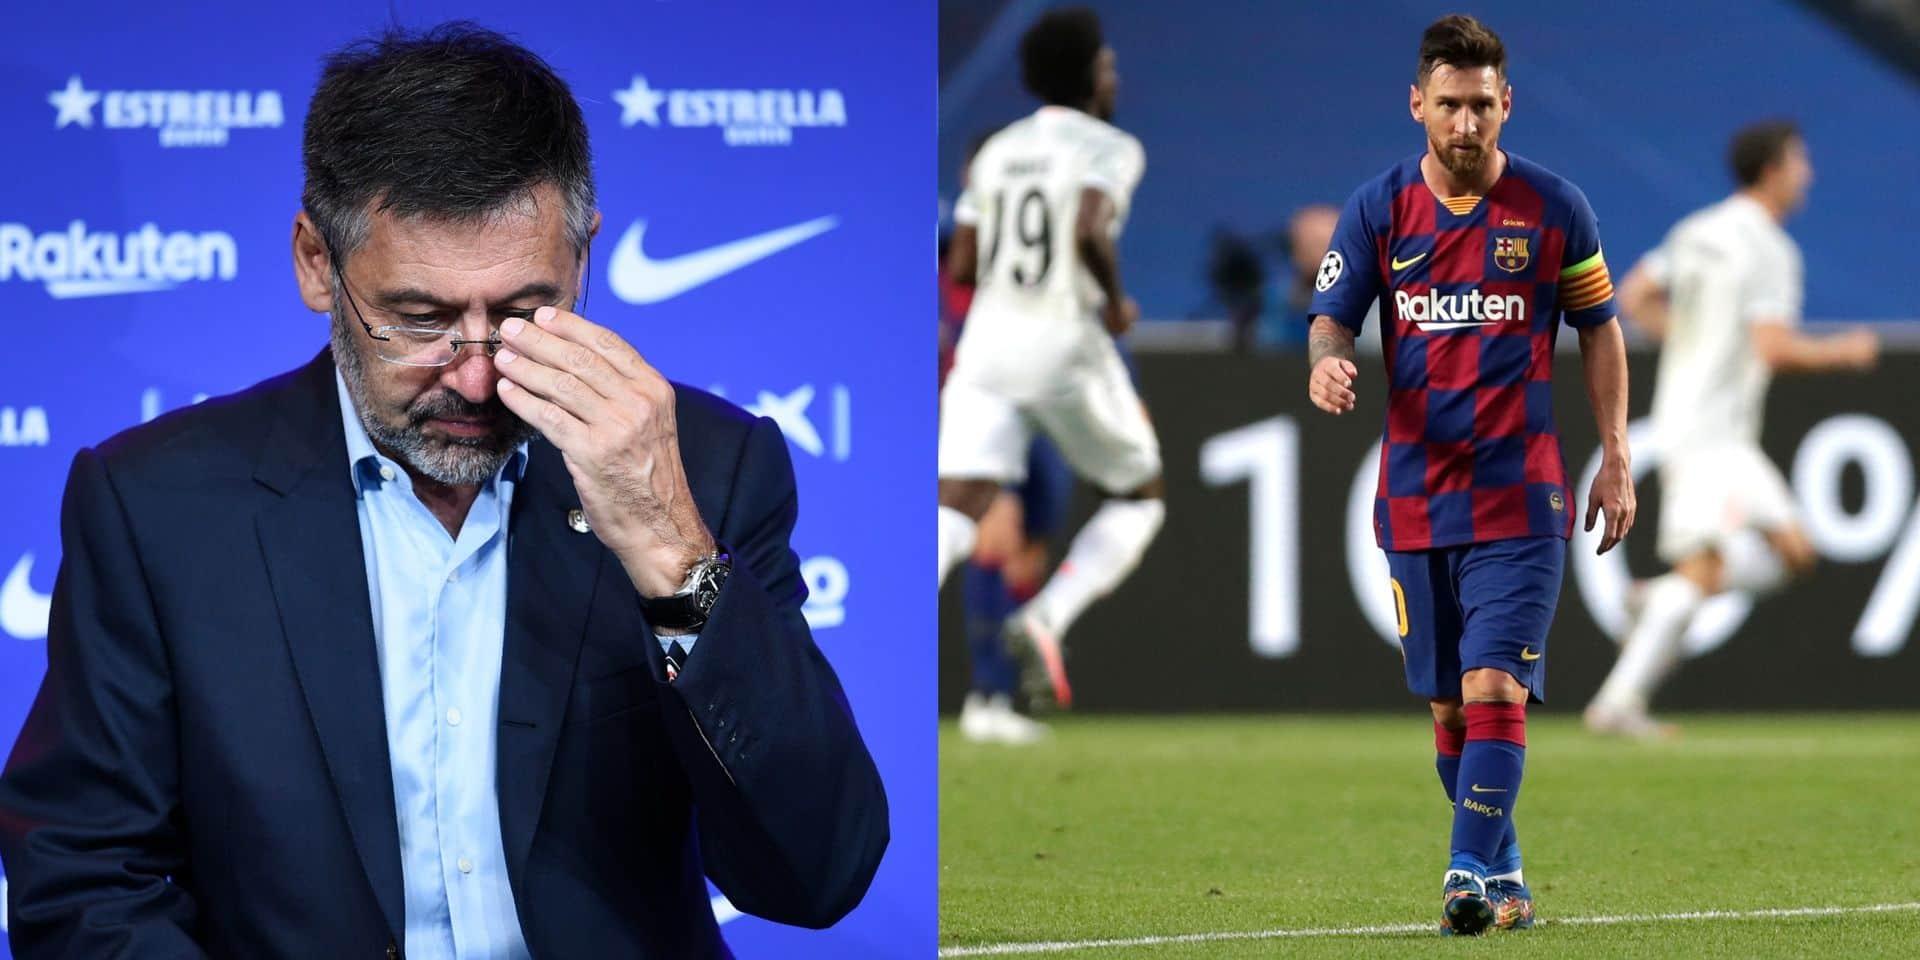 Bartomeu tremble: la première étape de la motion de censure initiée par les supporters du Barça est sur le point d'aboutir